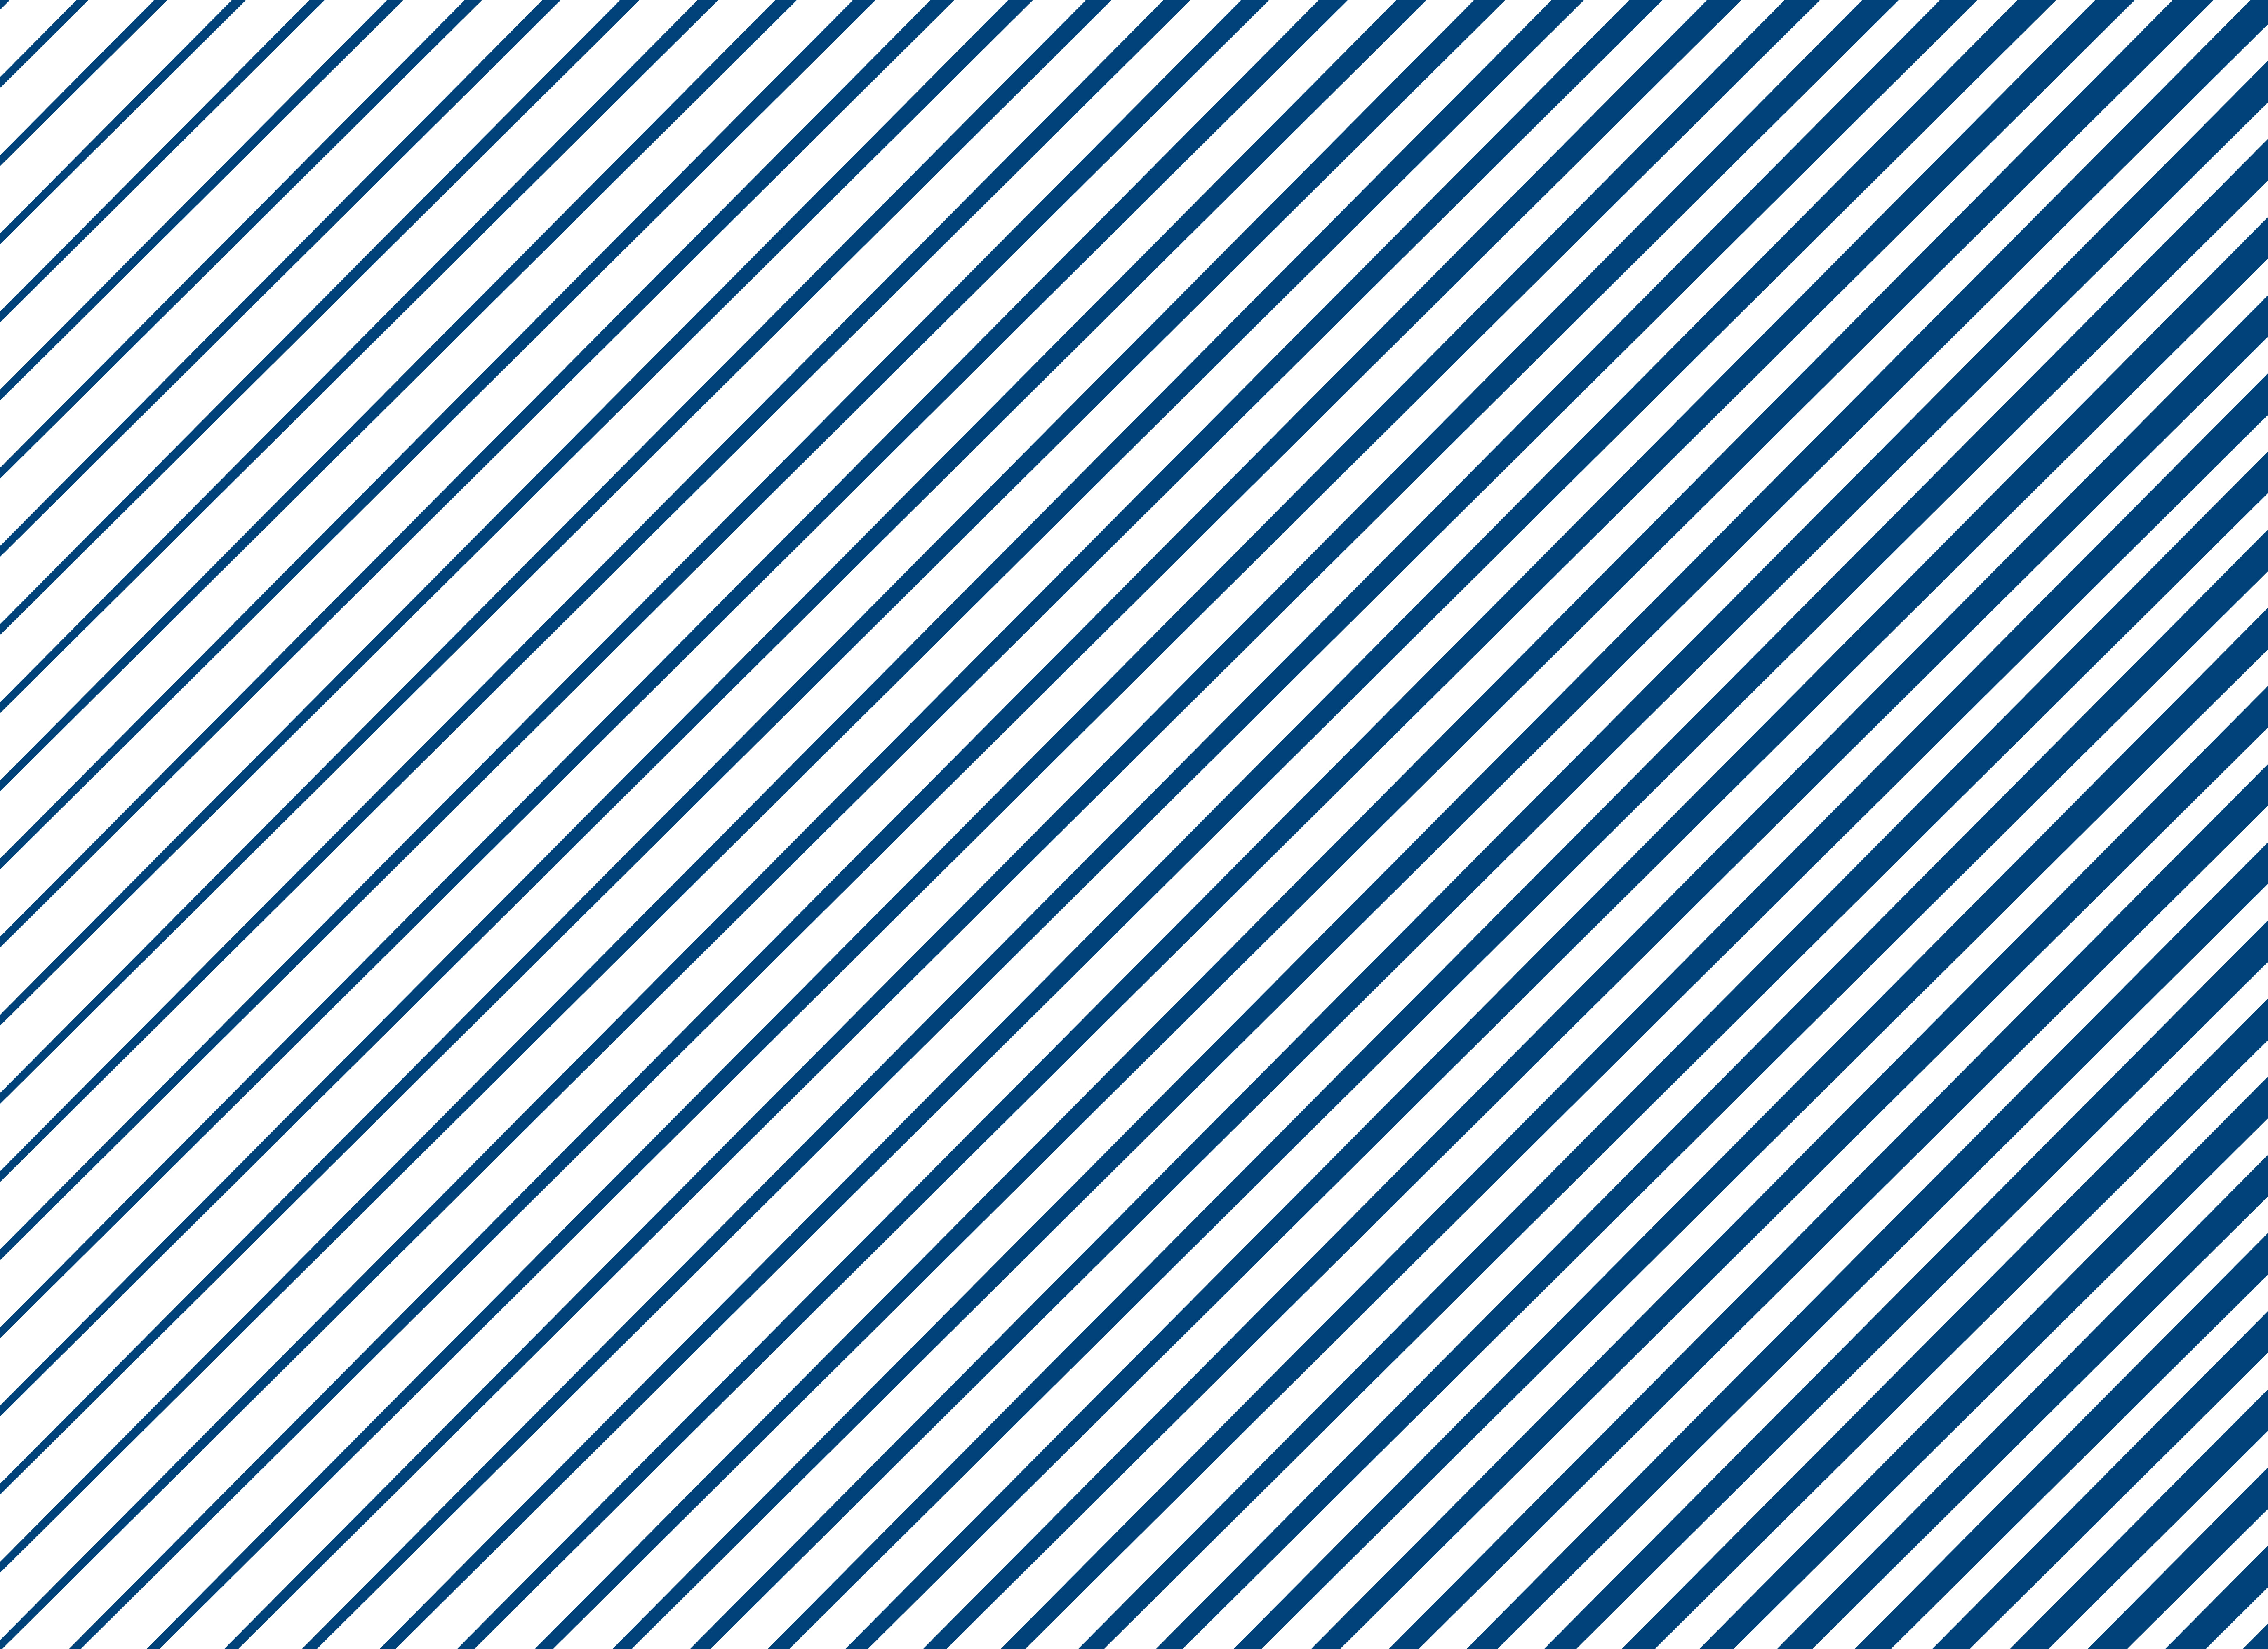 картинки диагональные полосы она очень